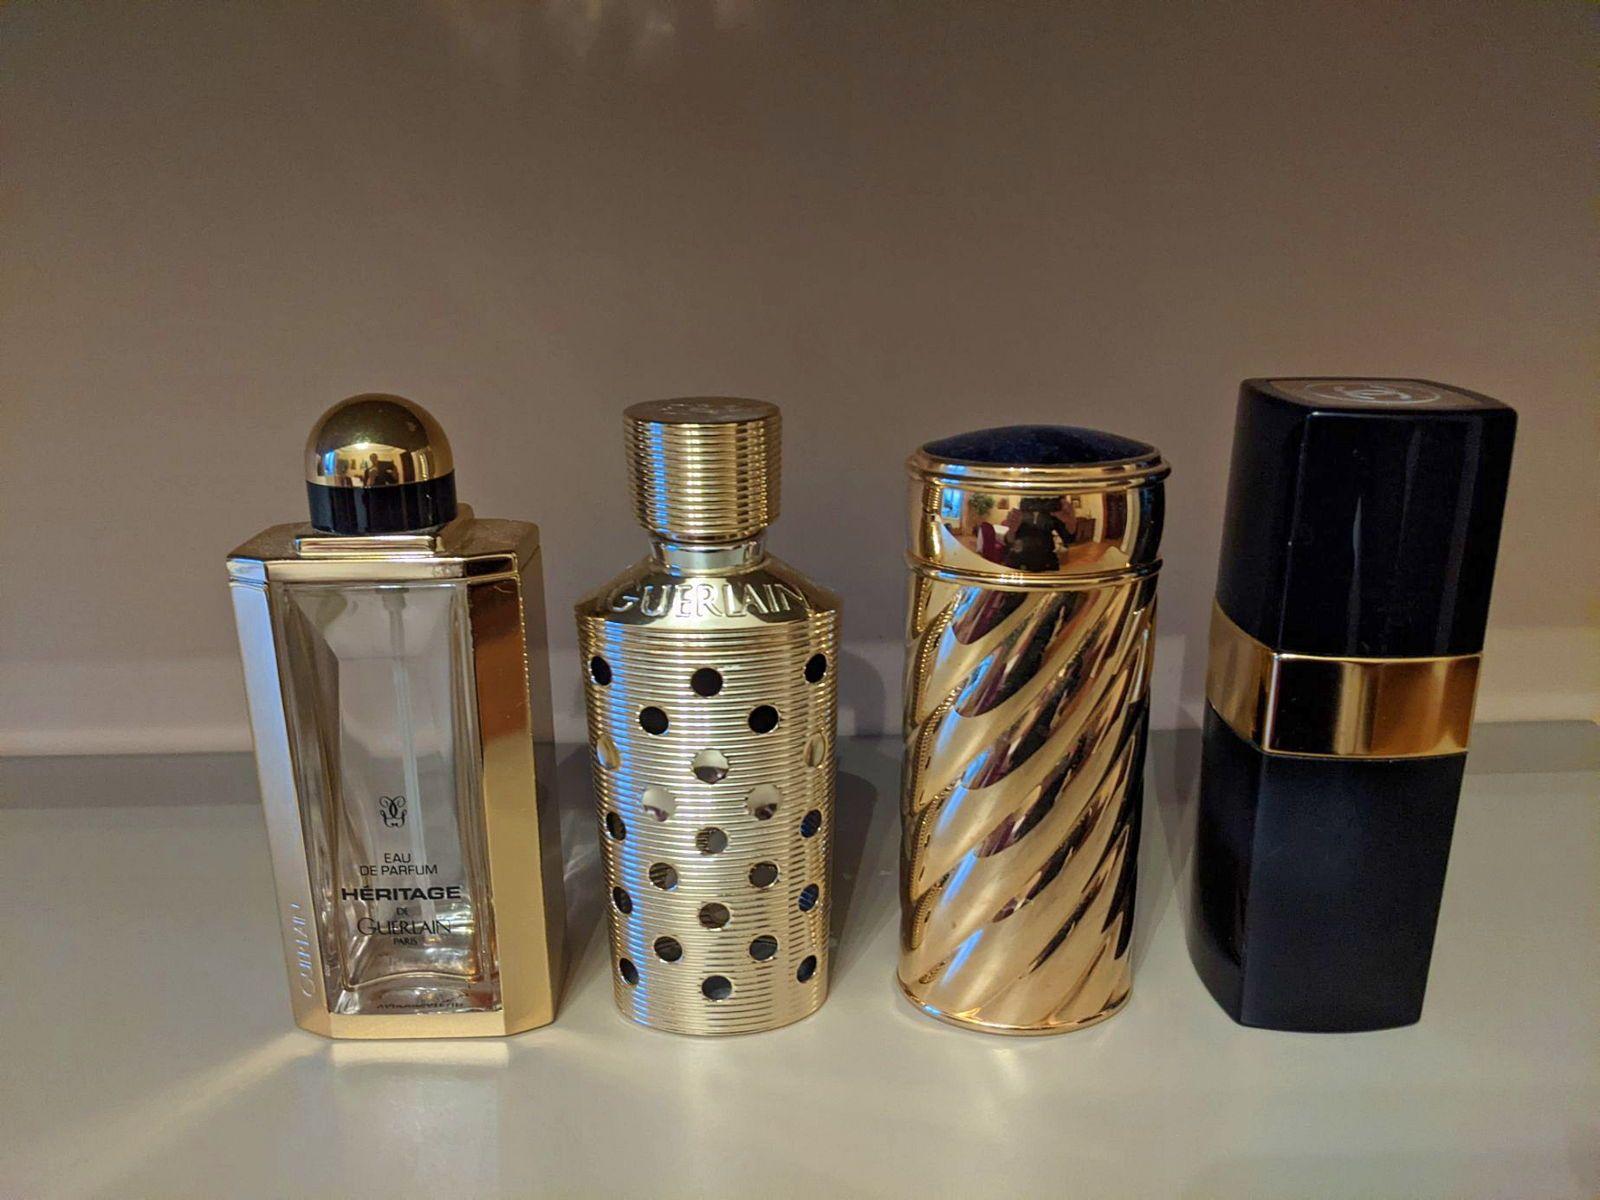 Vends étuis métal doré pour recharge parfum